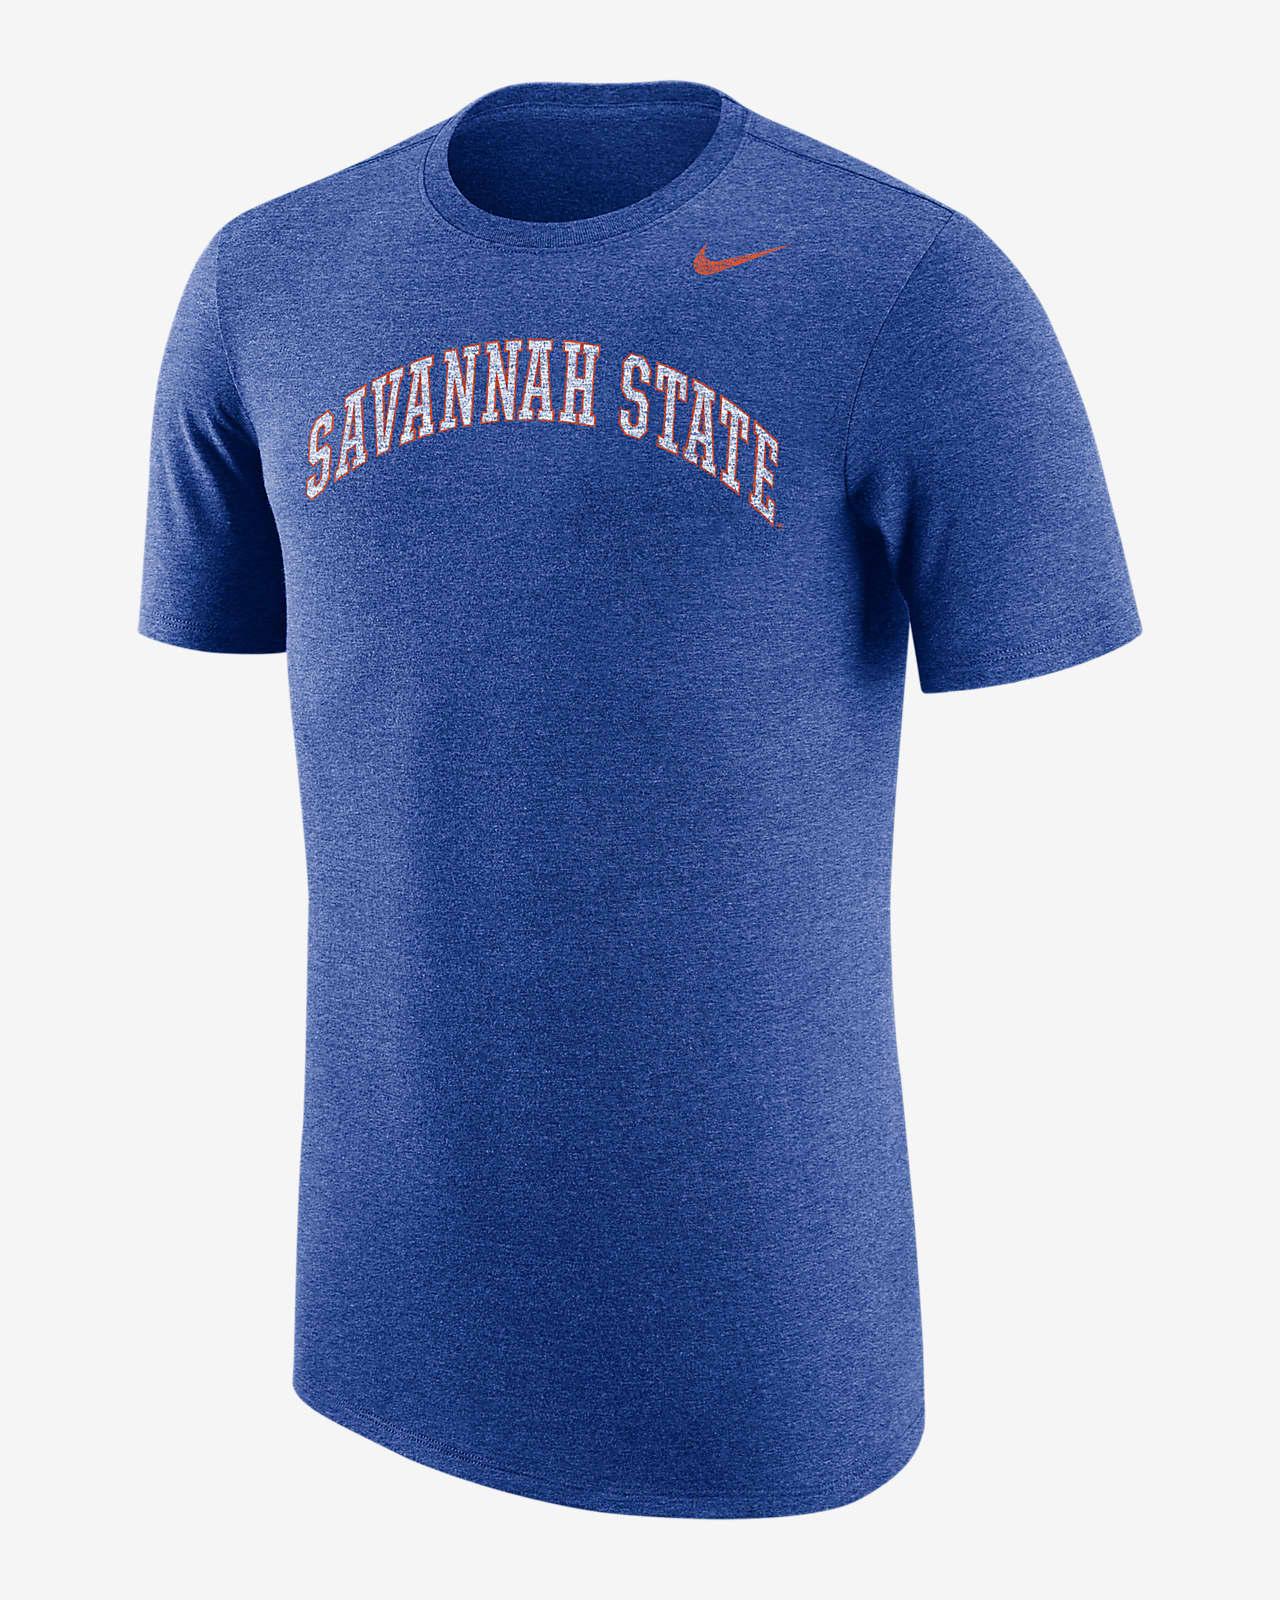 Nike College (Savannah State) Men's T-Shirt